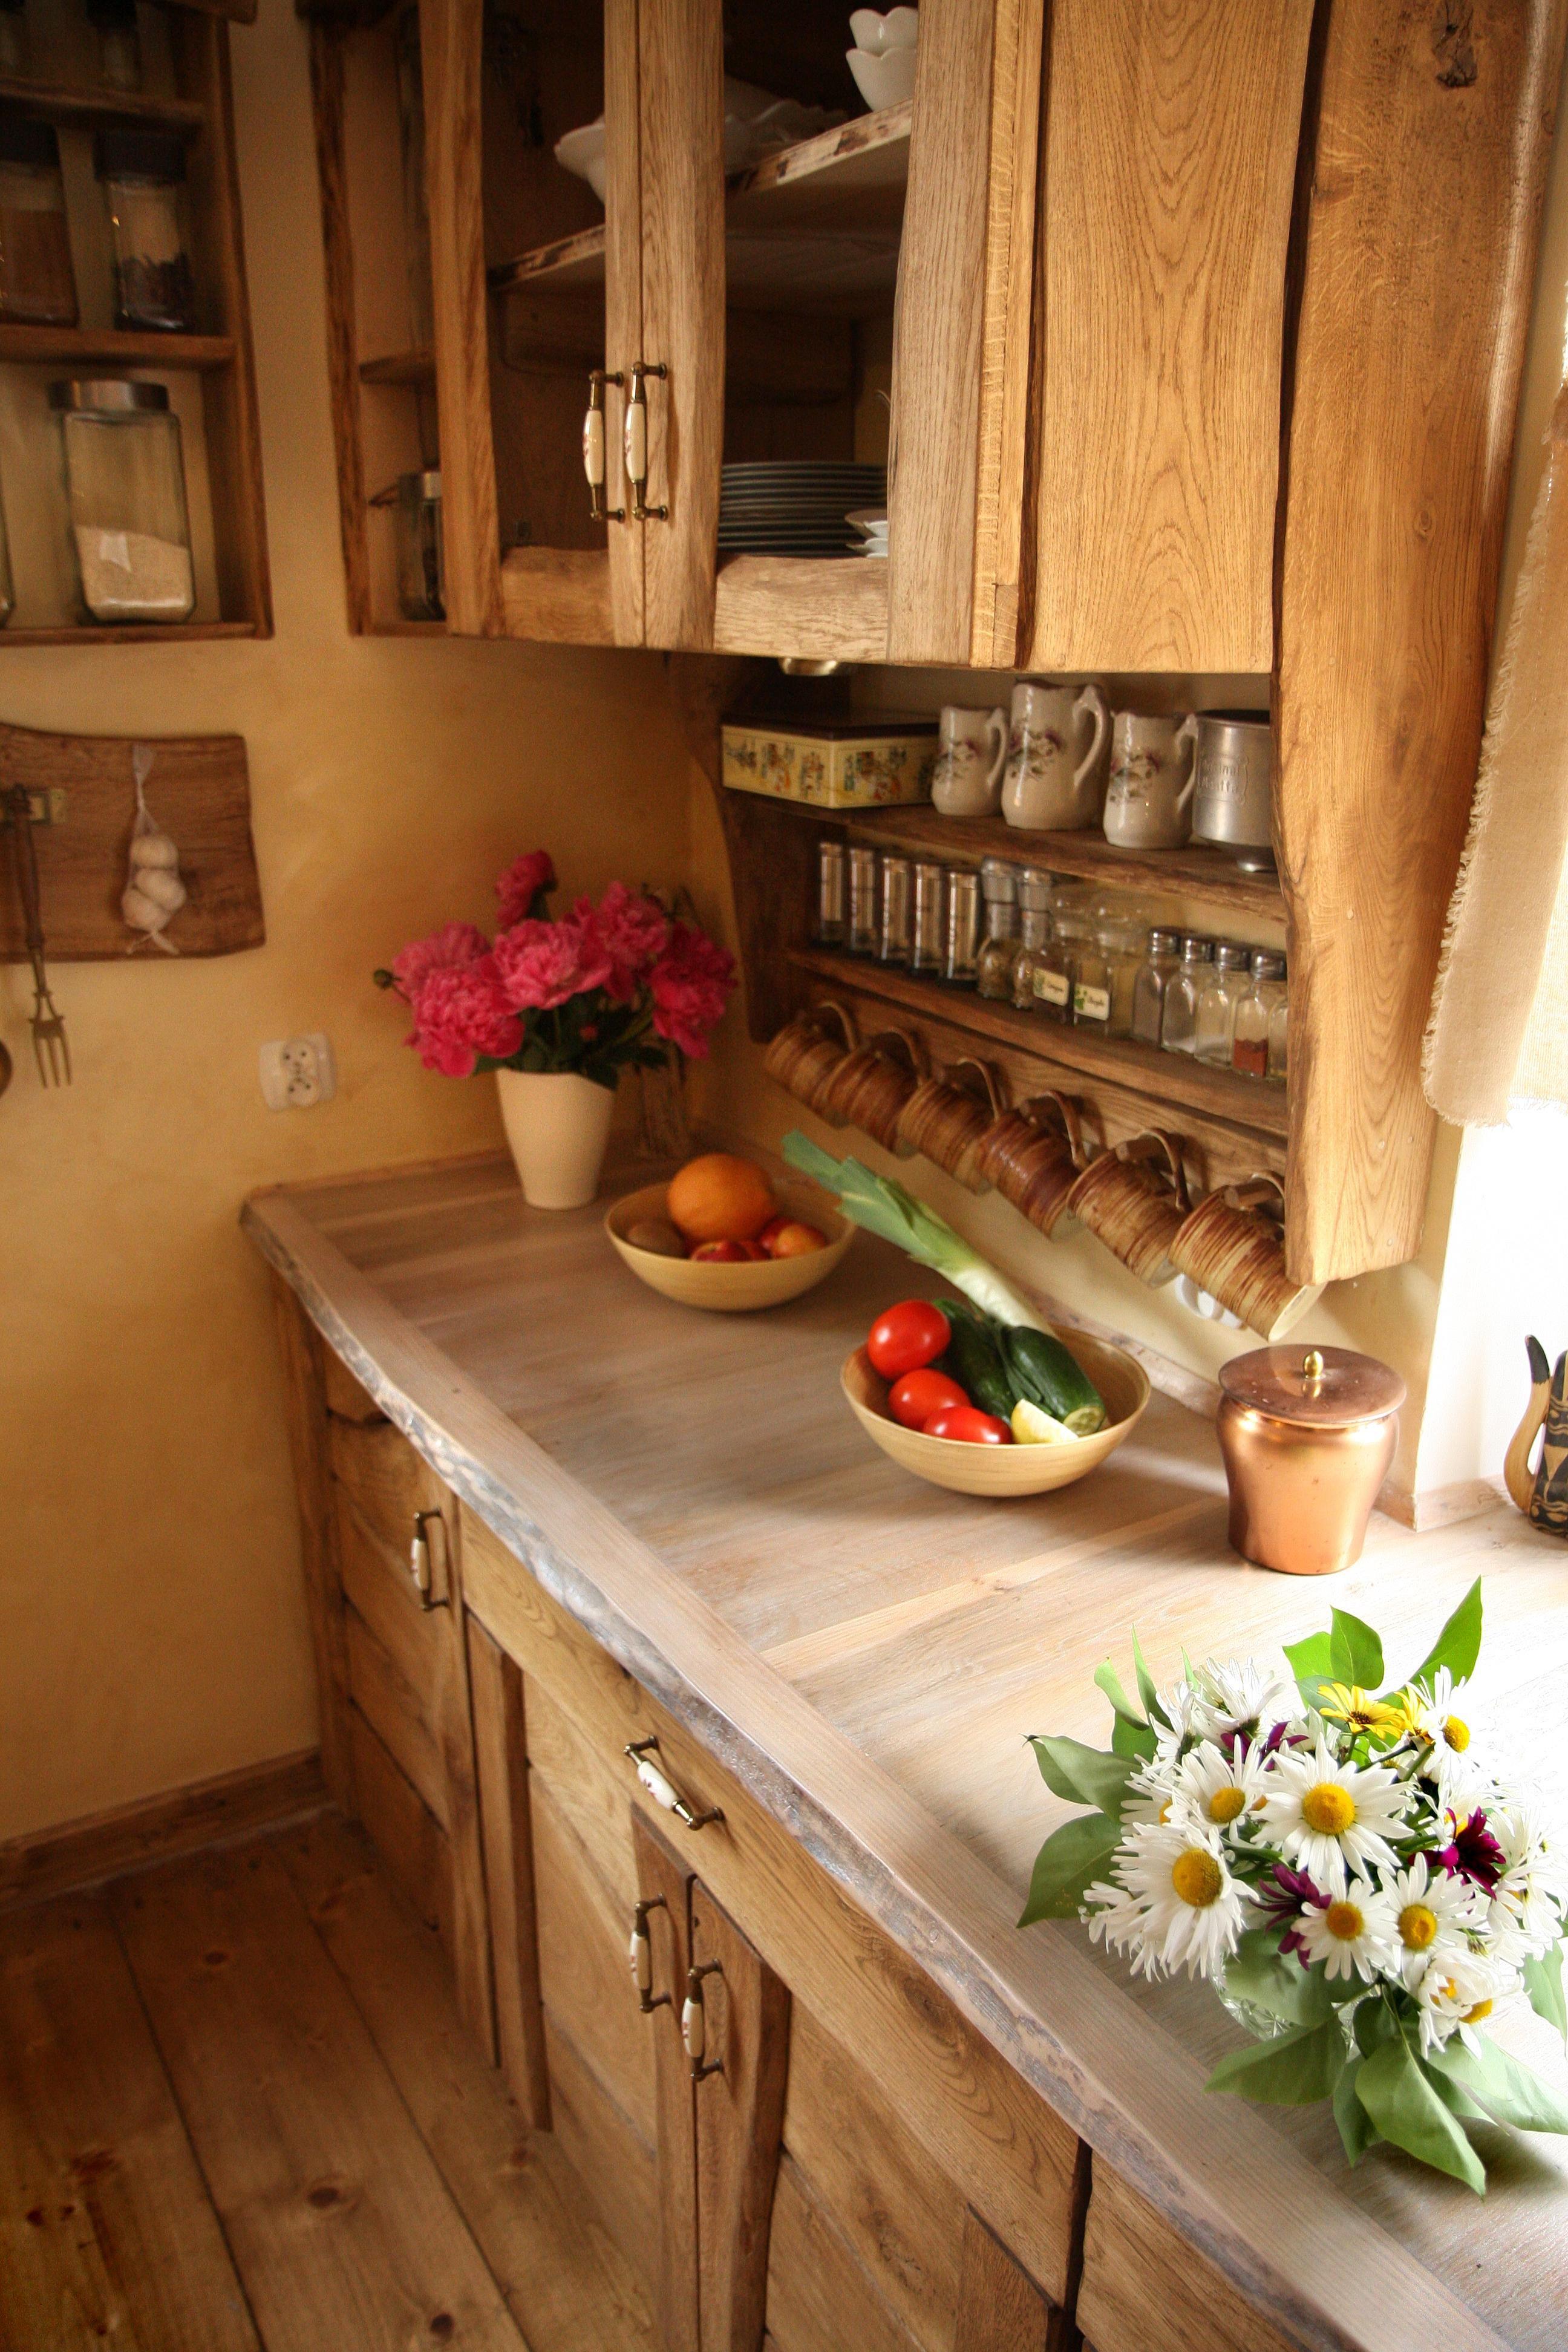 Küchenschränke basis corinna rutschke corablueeyes on pinterest